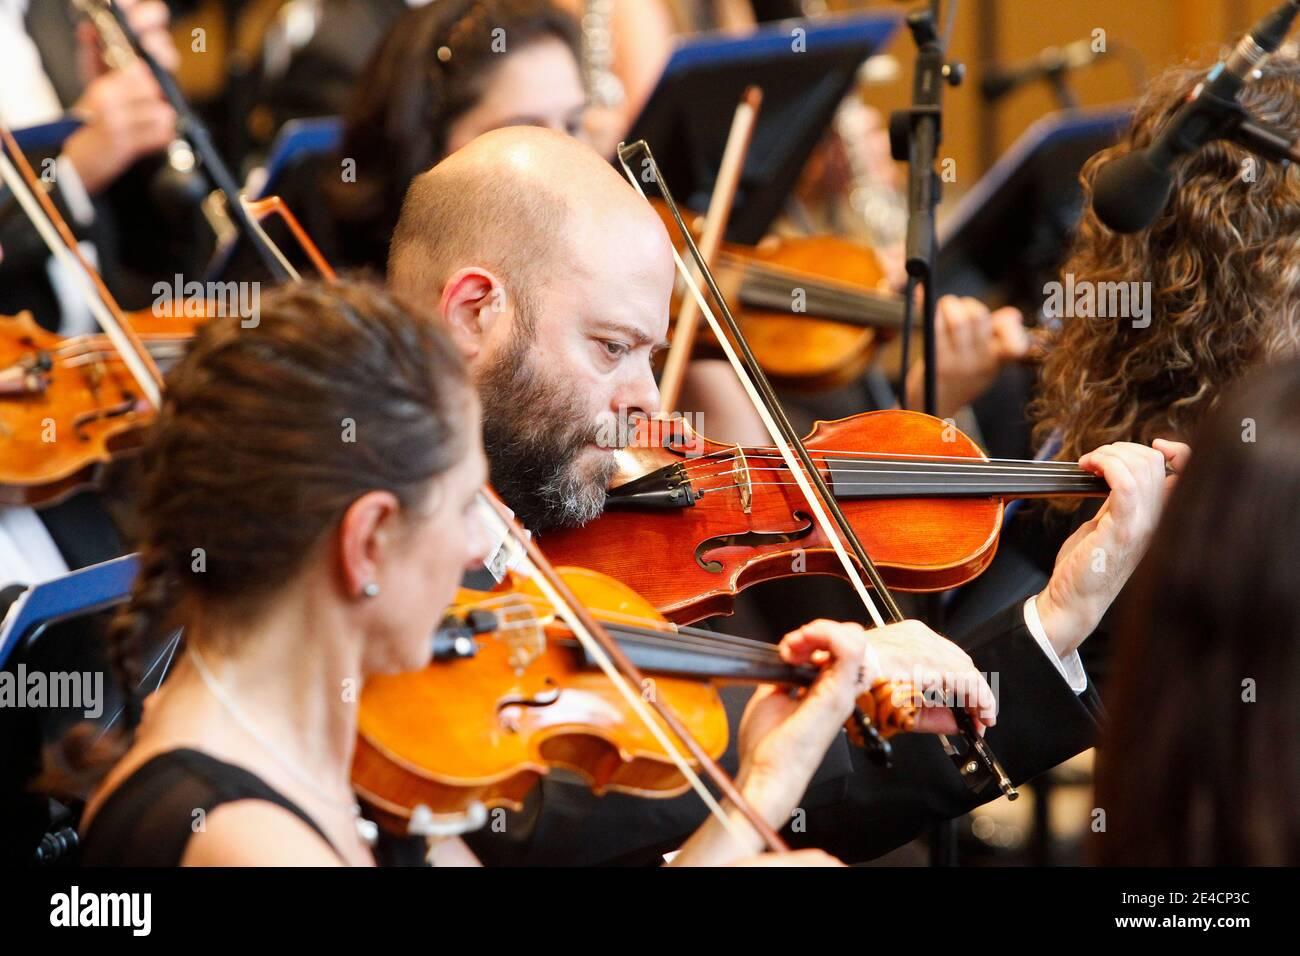 Coruna, Espagne. Musiciens jouant du violon lors d'un concert de l'Orchestre symphonique de Galice le 17 août 2019 Banque D'Images